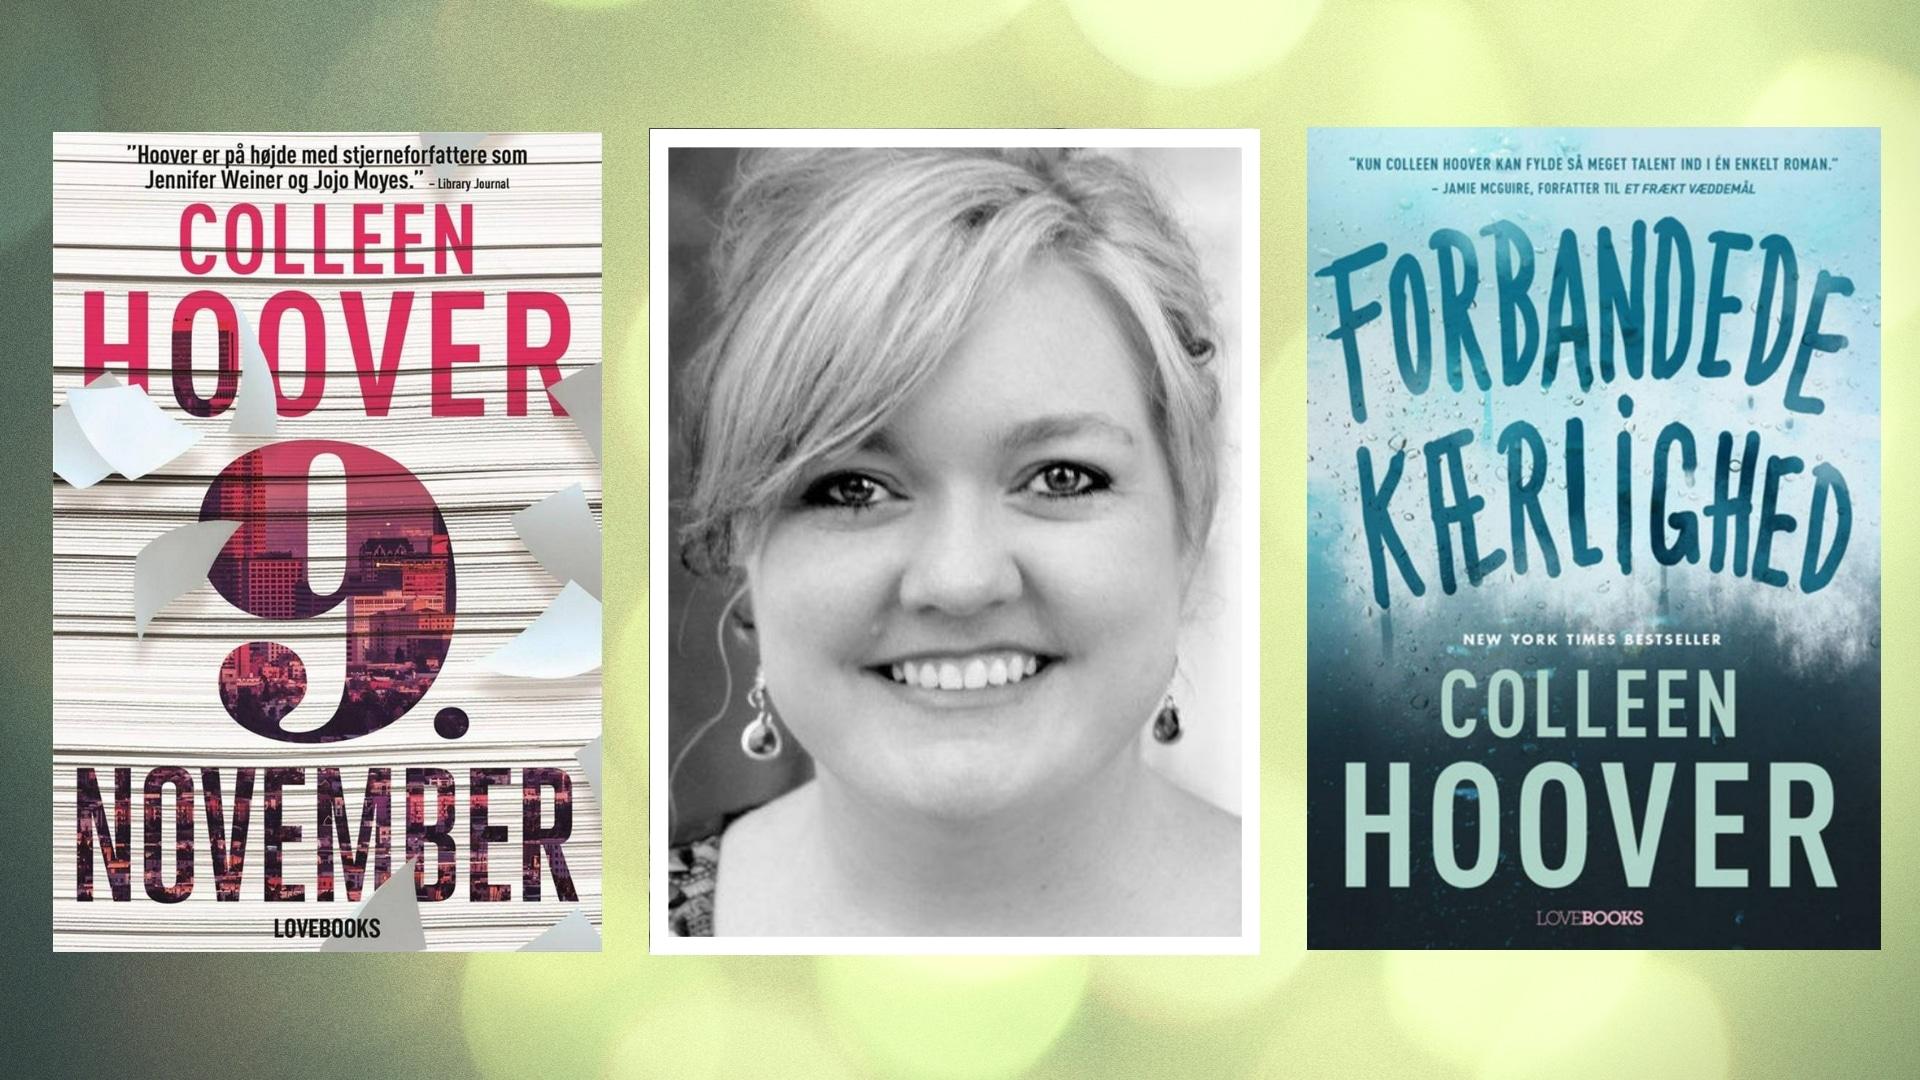 Colleen Hoover, Kærlighed, YA, young adult, kærlighedsroman, romance, romancebøger, romancebog